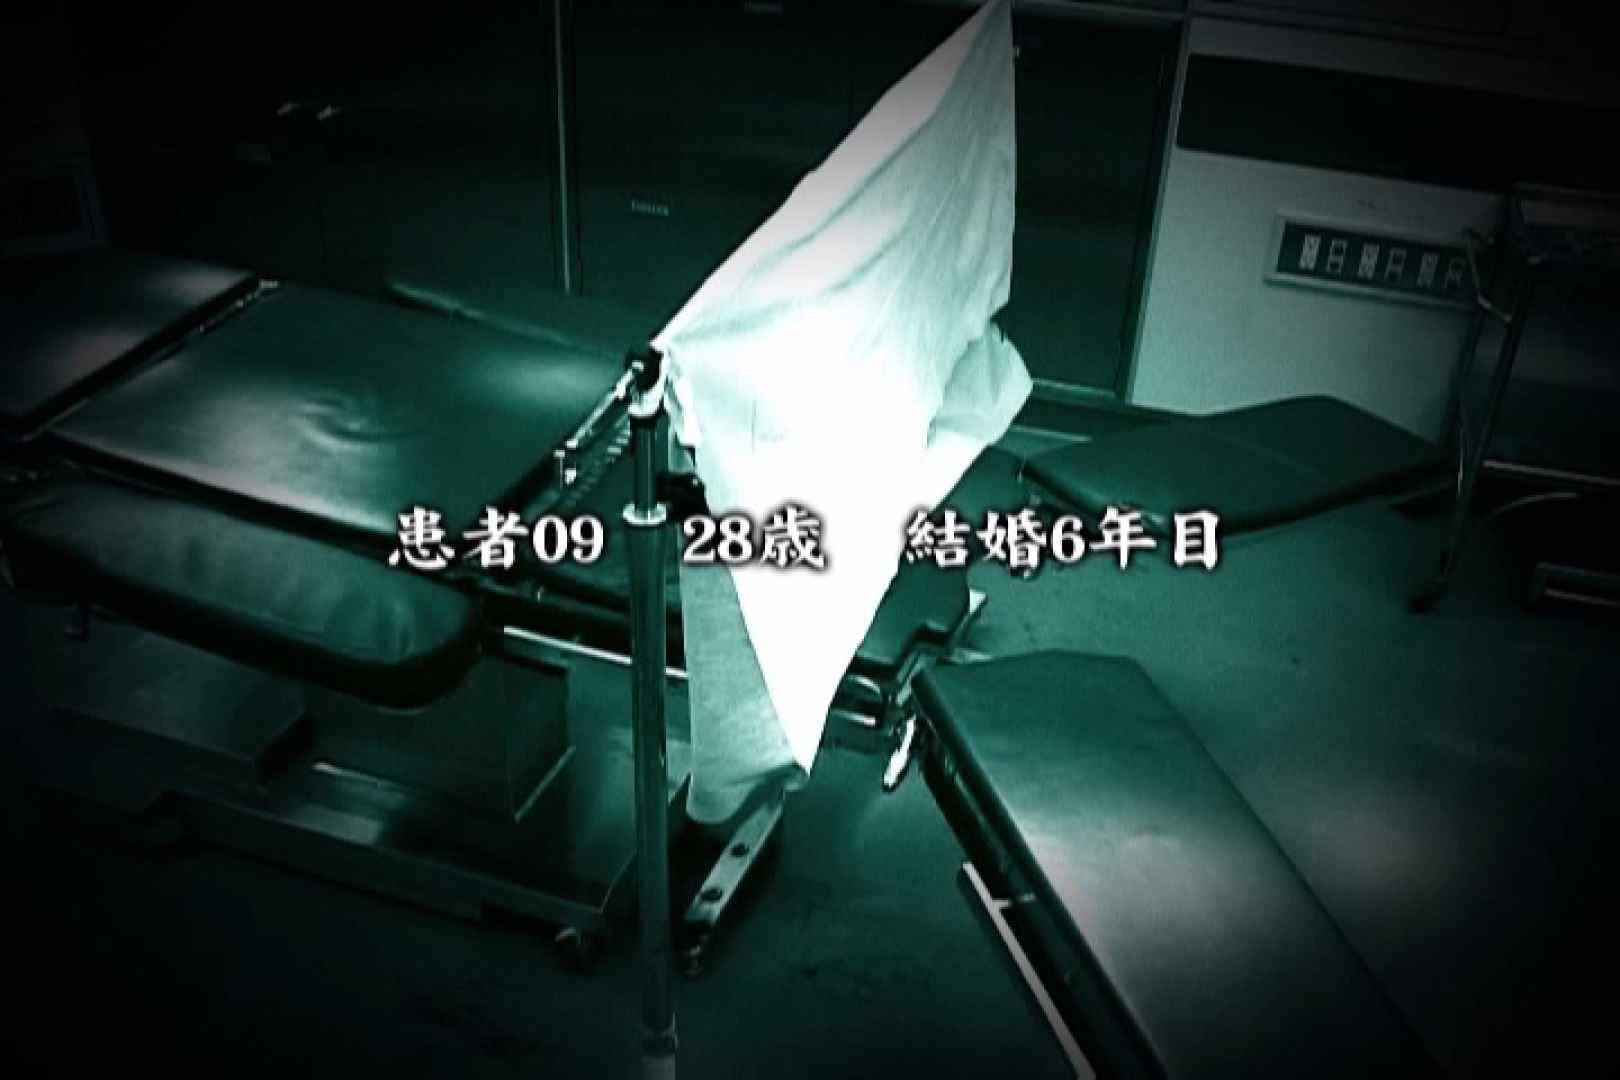 関西発!タツヤのDV直撮り大追跡!!! Vol.07 追跡   エッチすぎるOL達  83連発 41